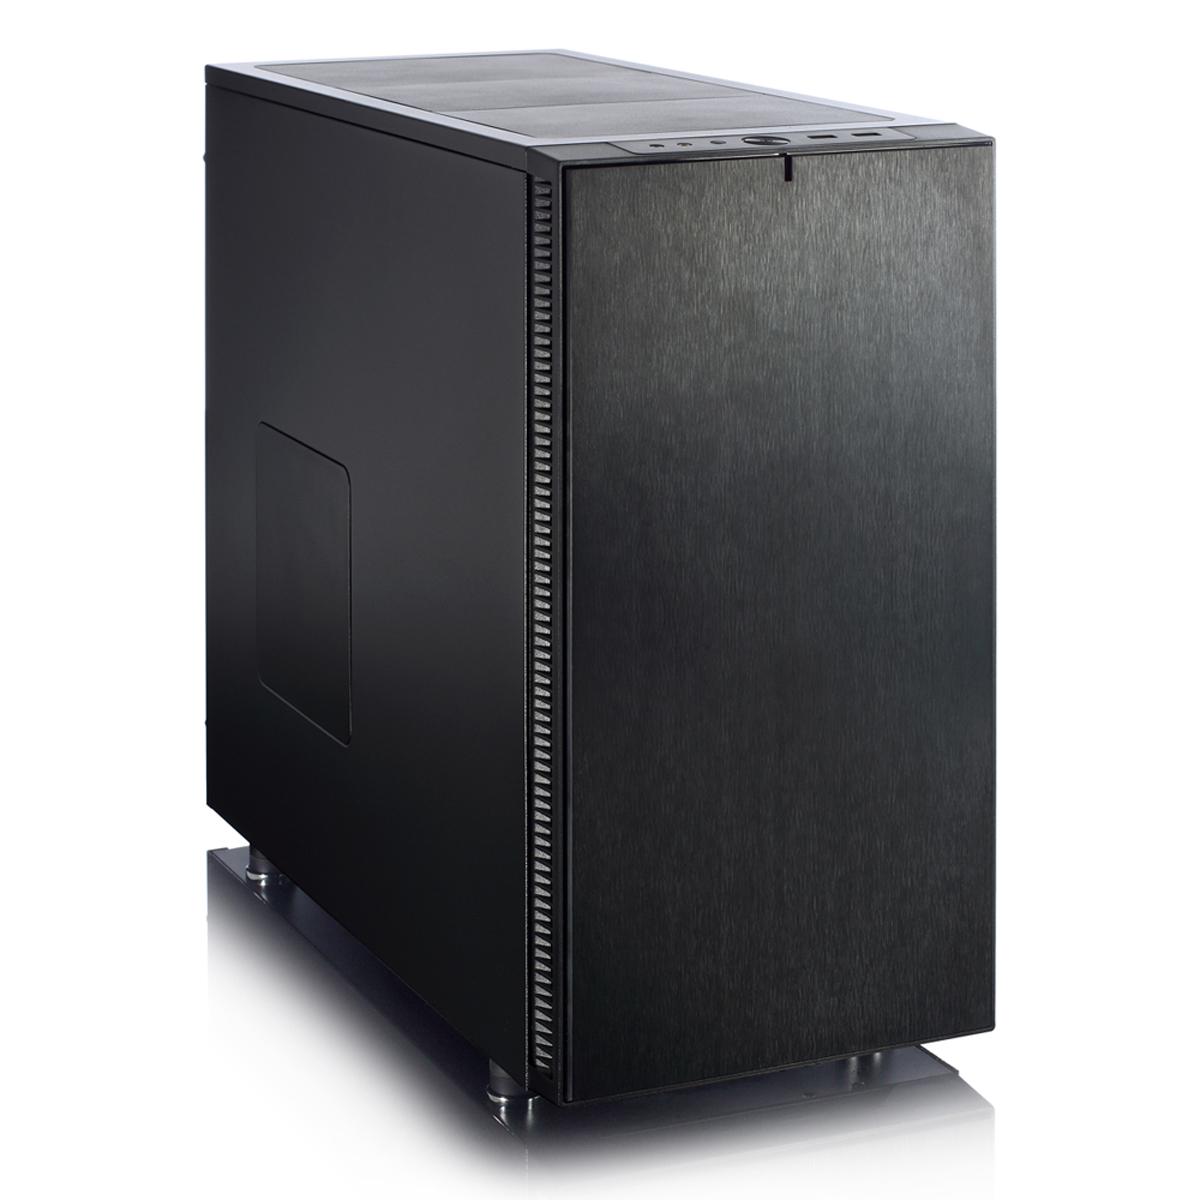 Fractal Design Define S Black computer case